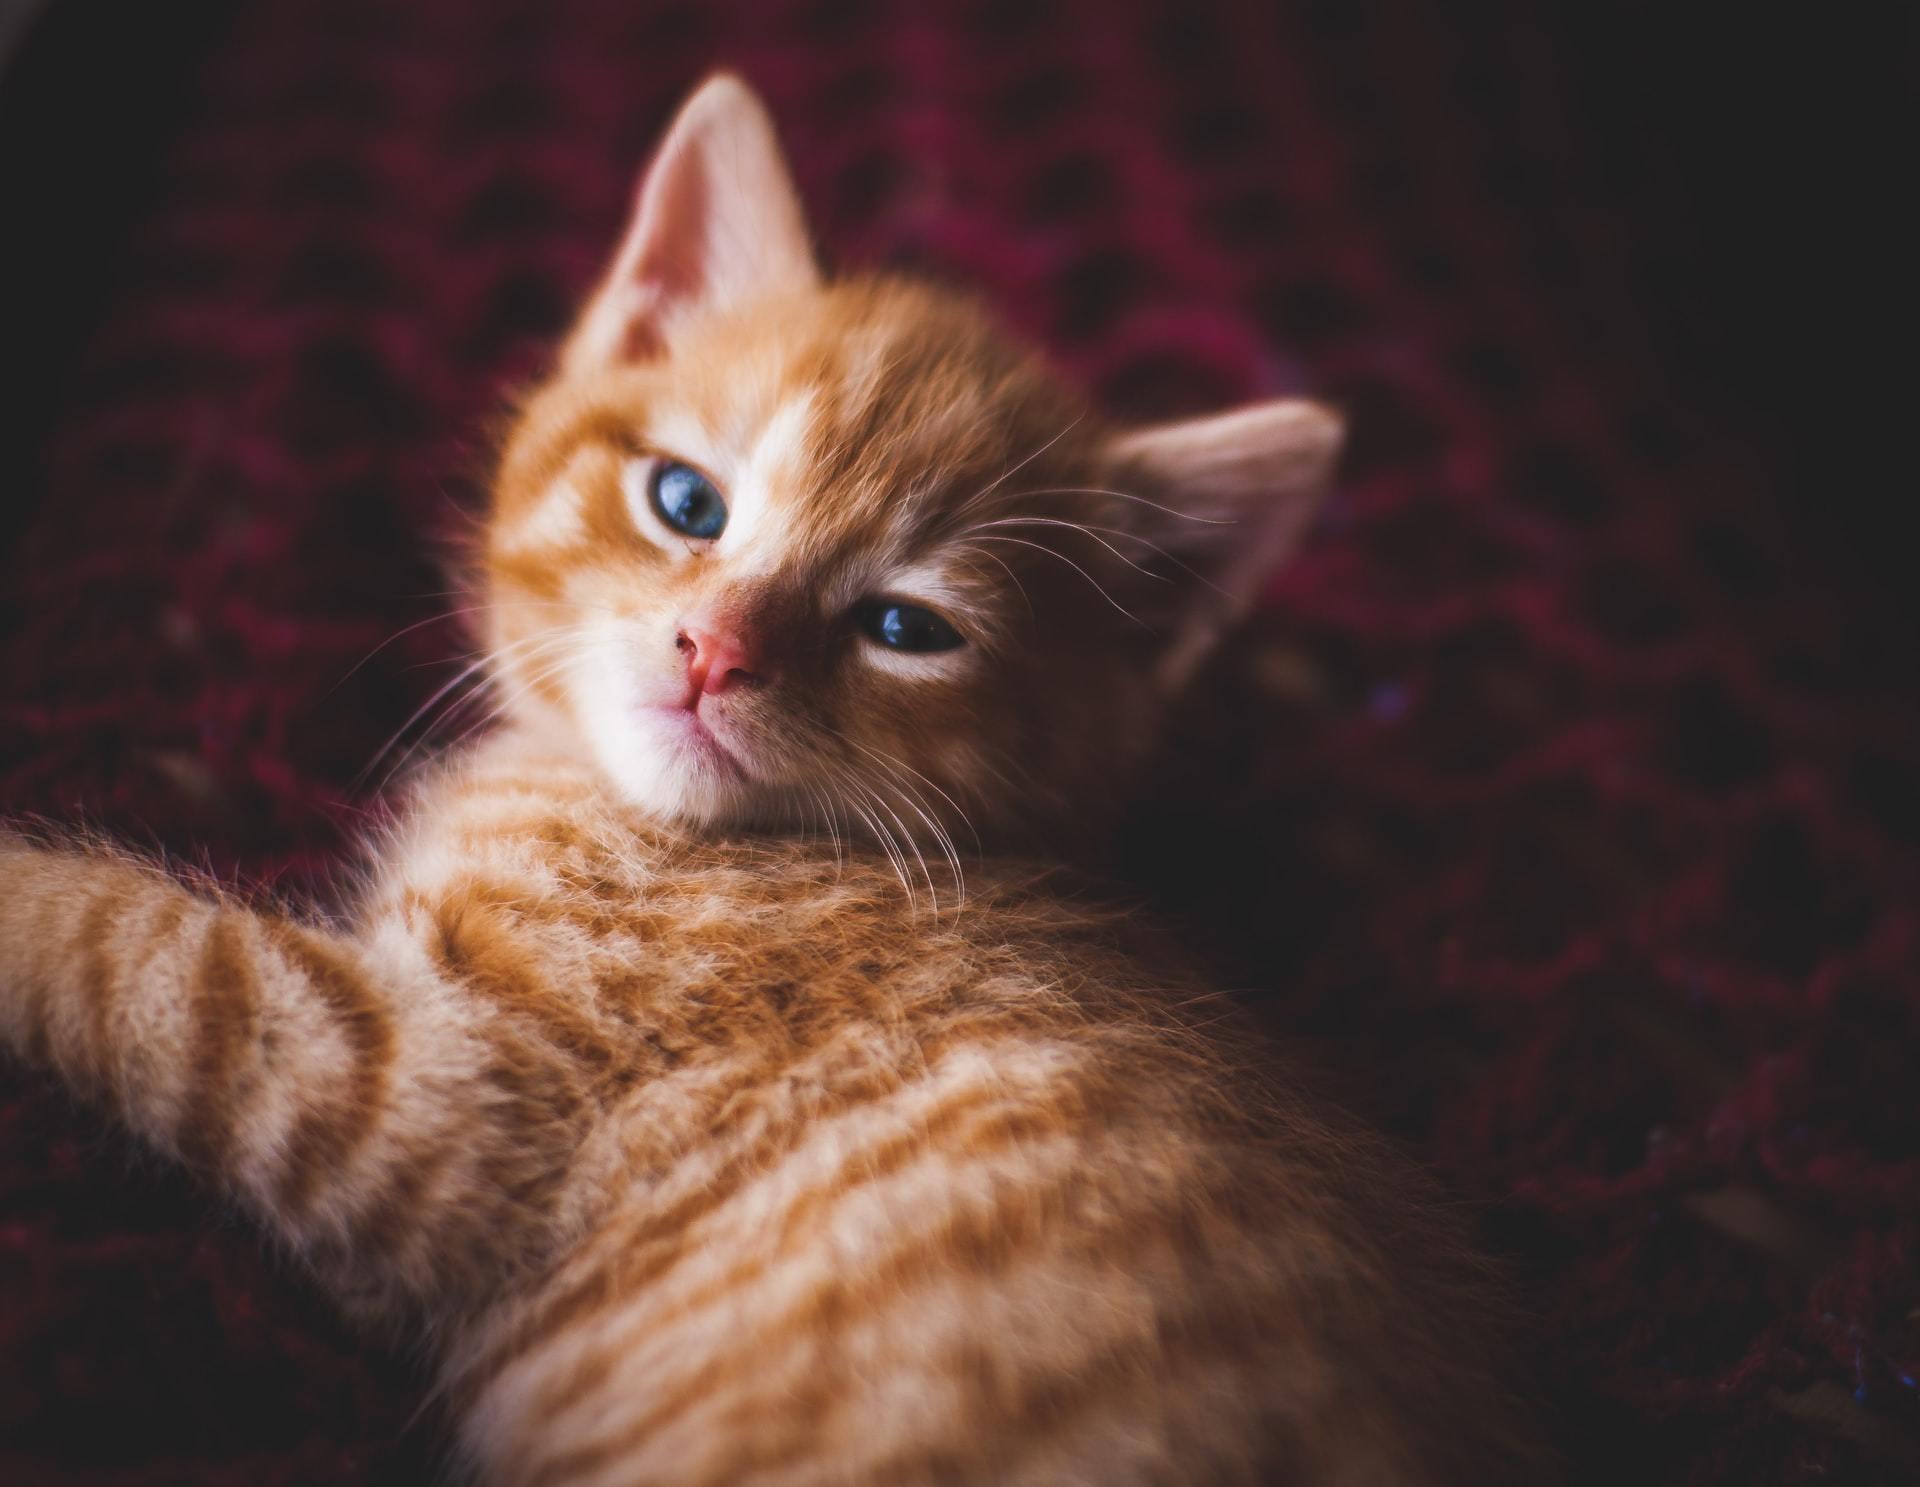 sneezing kitten